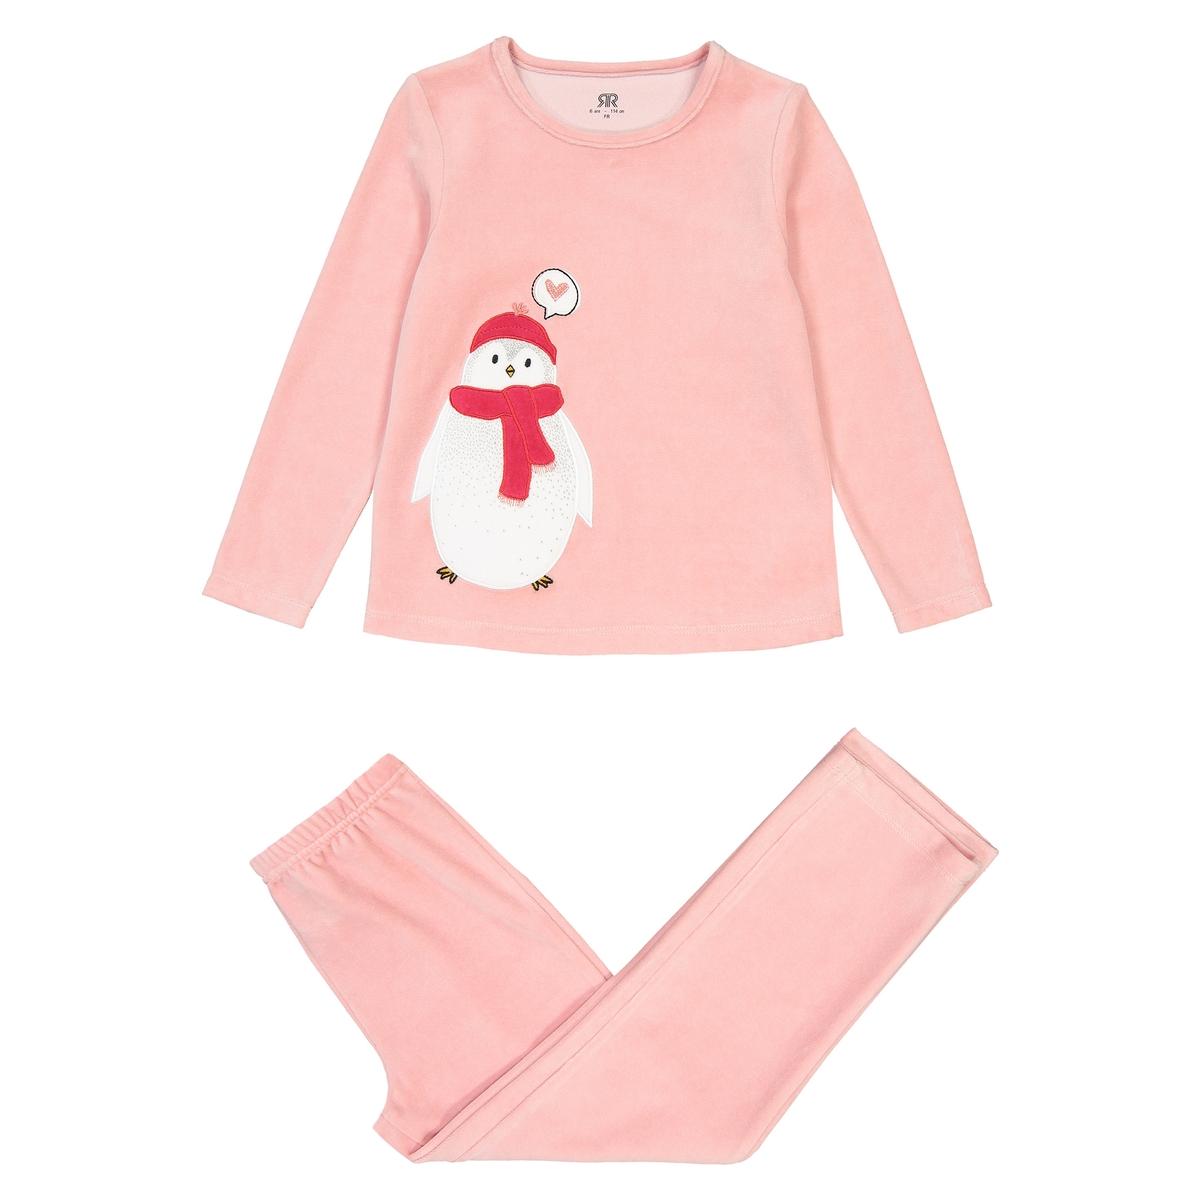 Пижама La Redoute Из велюра с вышитым рисунком пингвин 12 лет -150 см розовый пижама la redoute с надпись из велюра 12 лет 150 см розовый